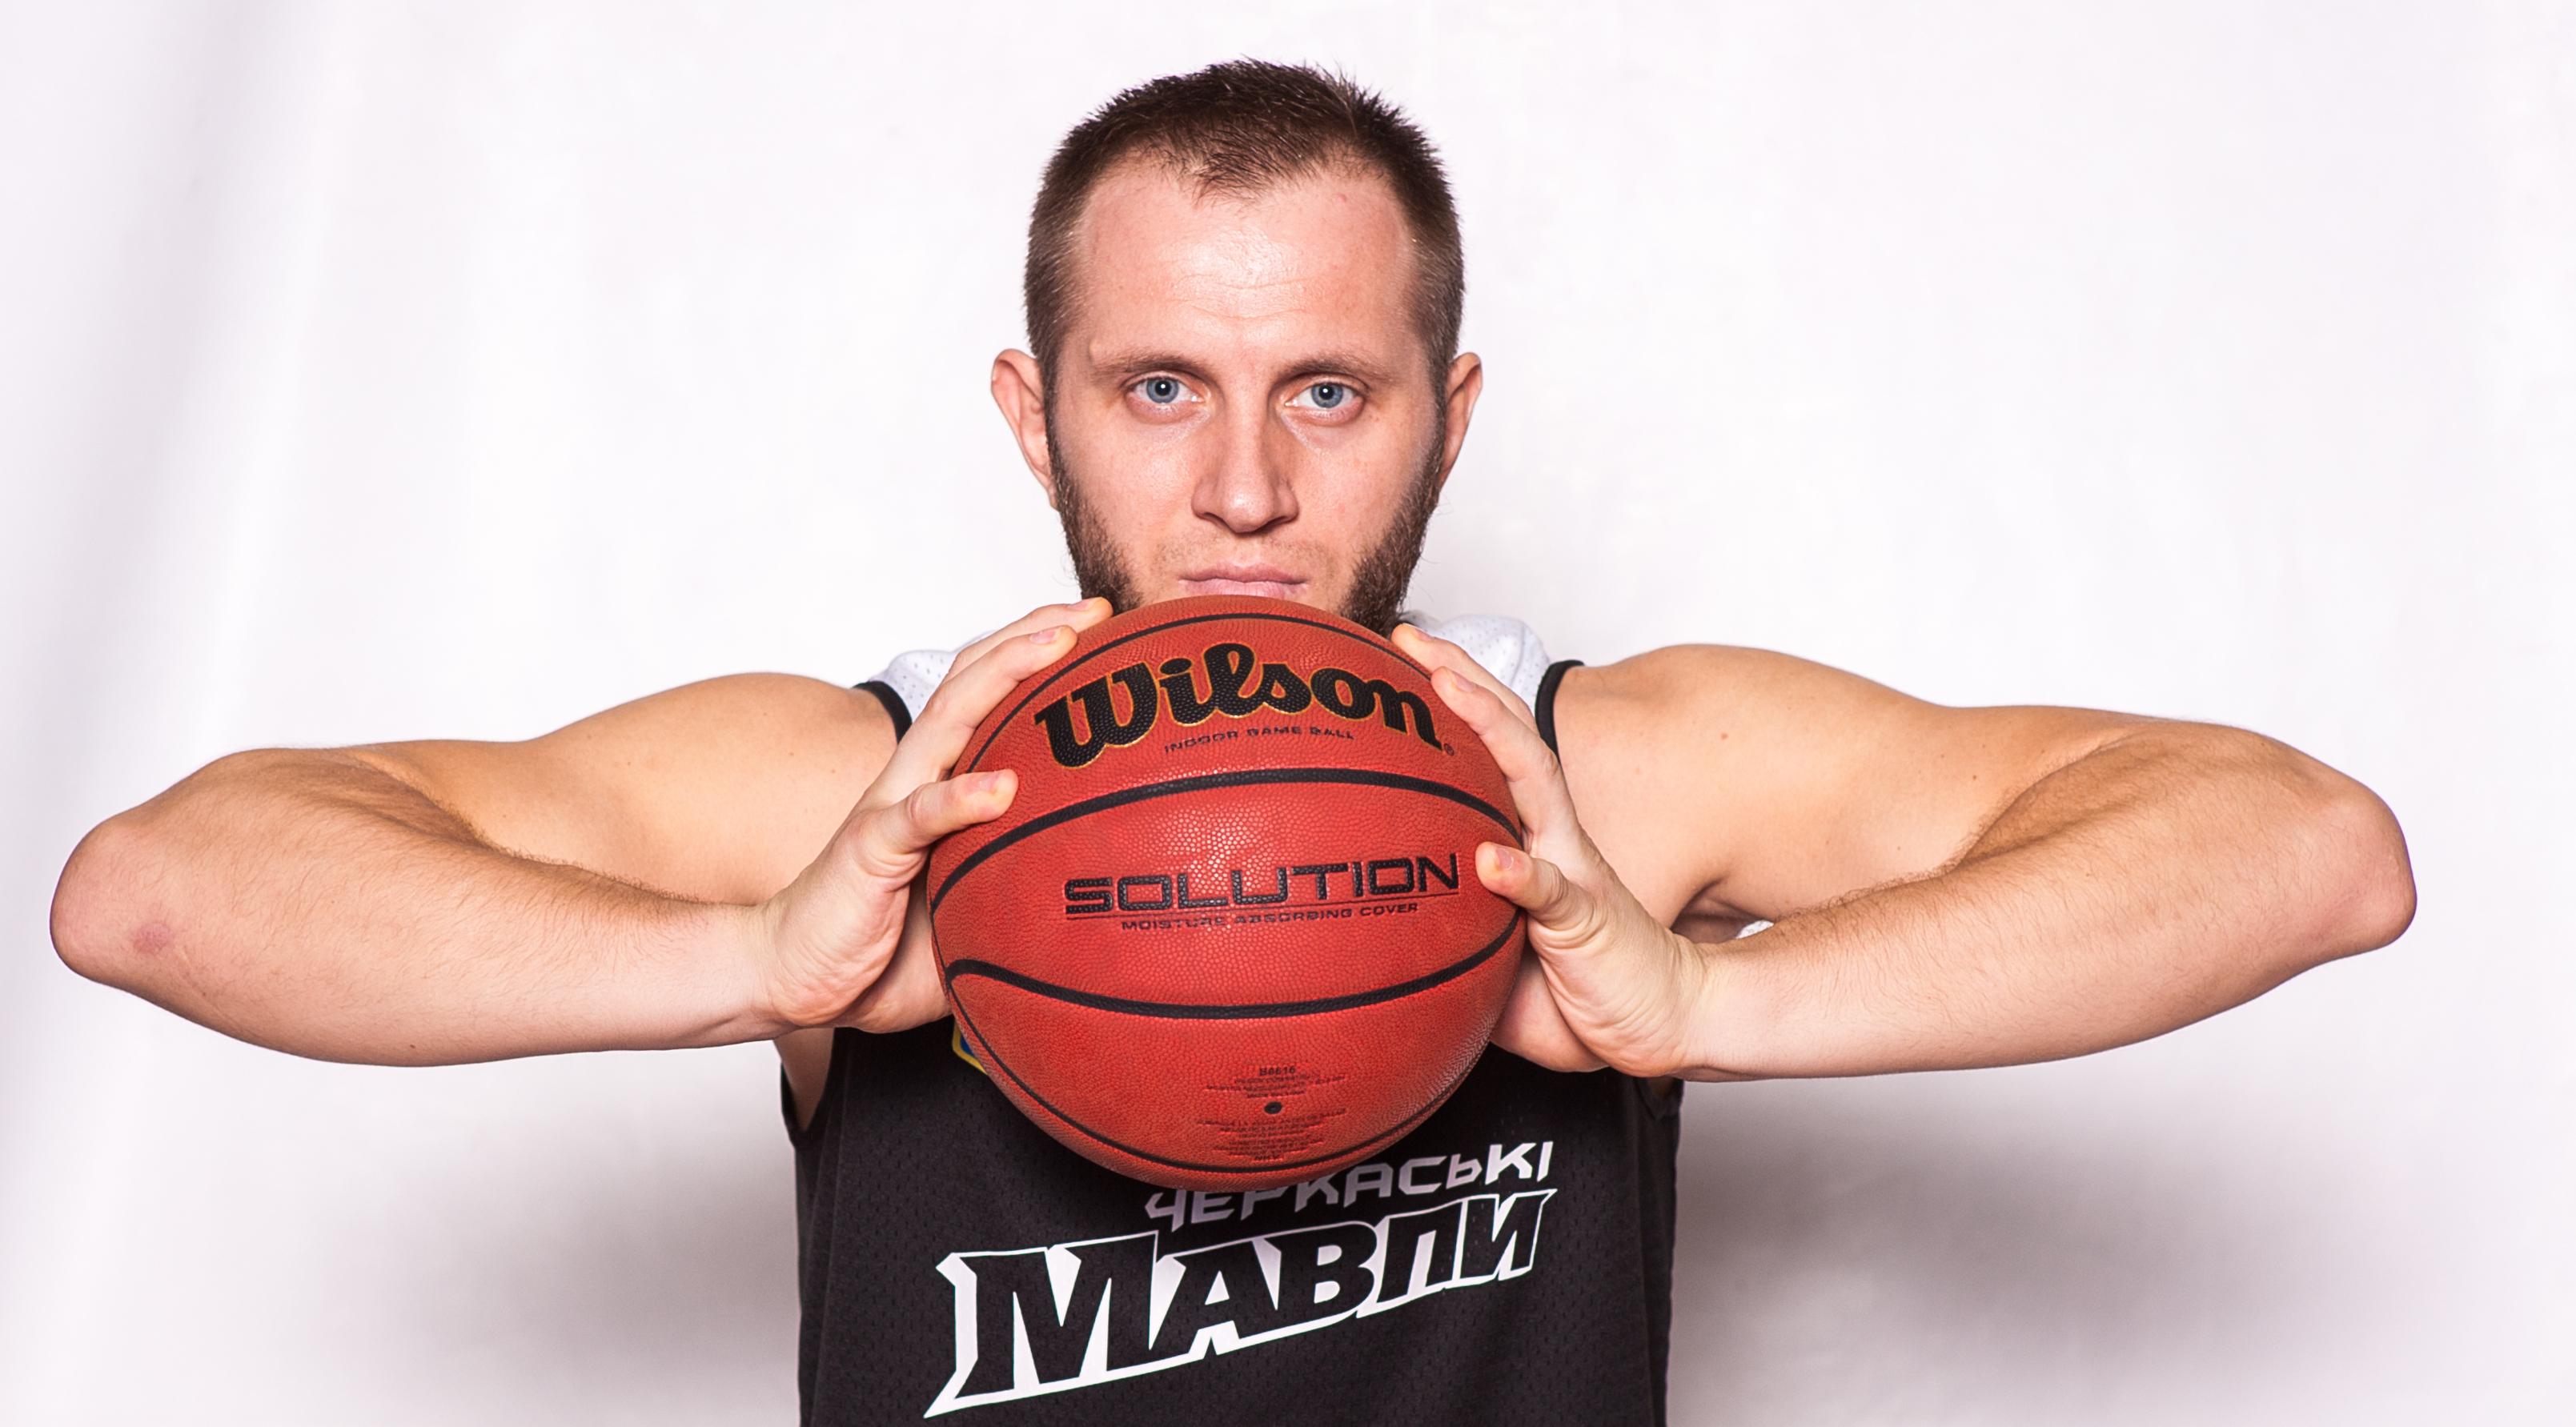 Олександр Кольченко: перемоги у домашніх матчах нададуть позитивний імпульс на боротьбу у плей-оф